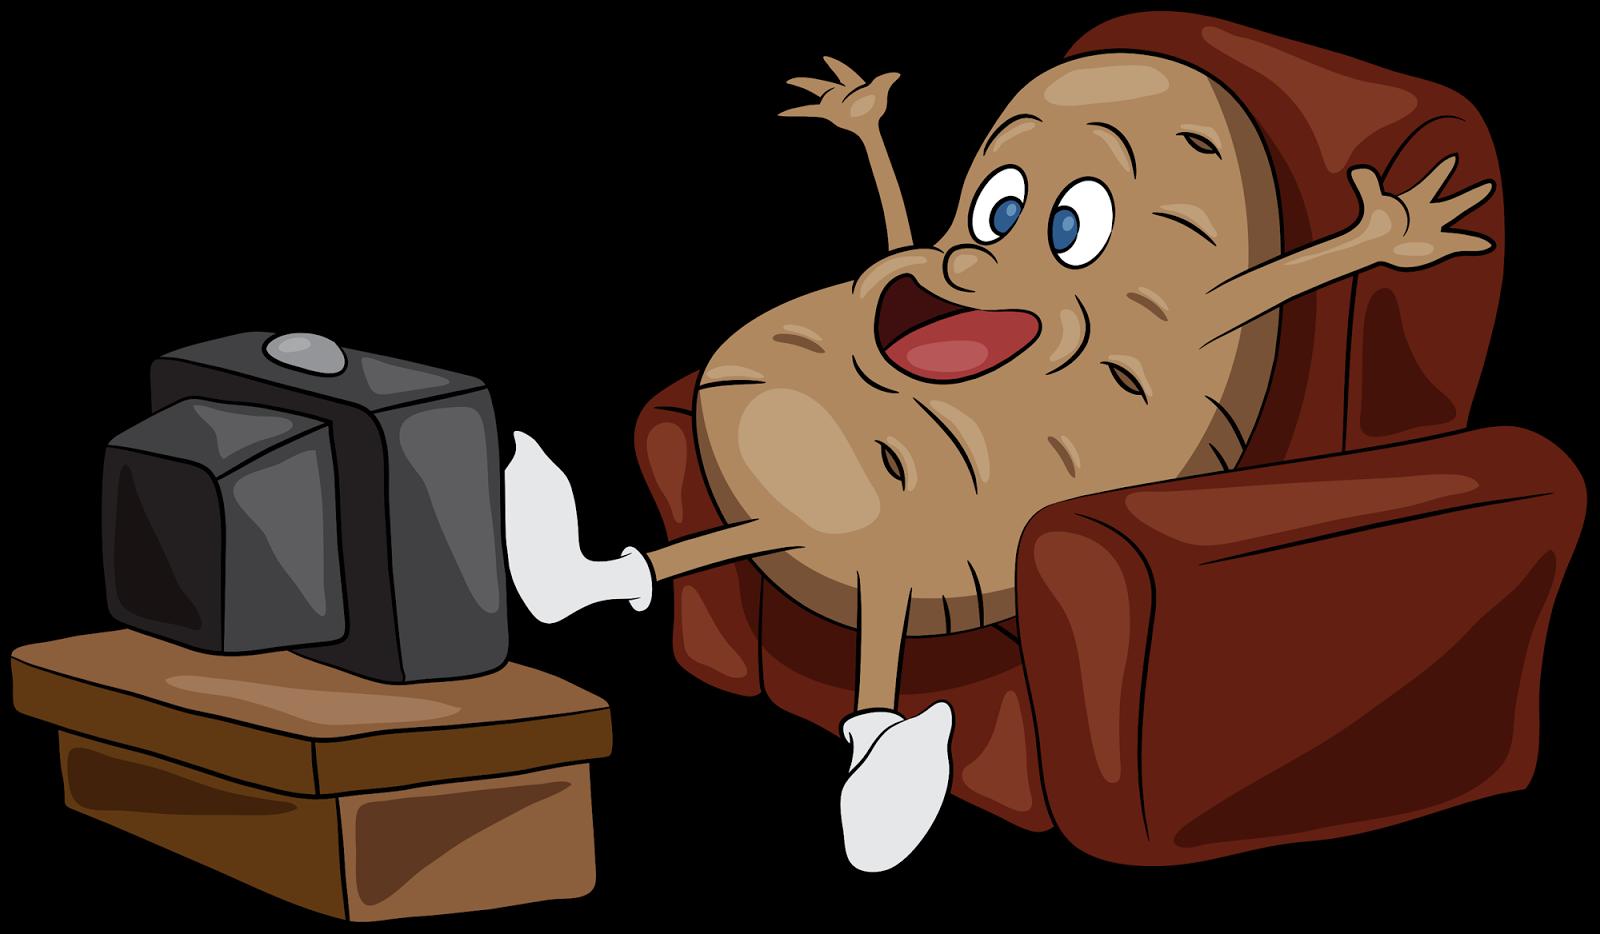 couch potati